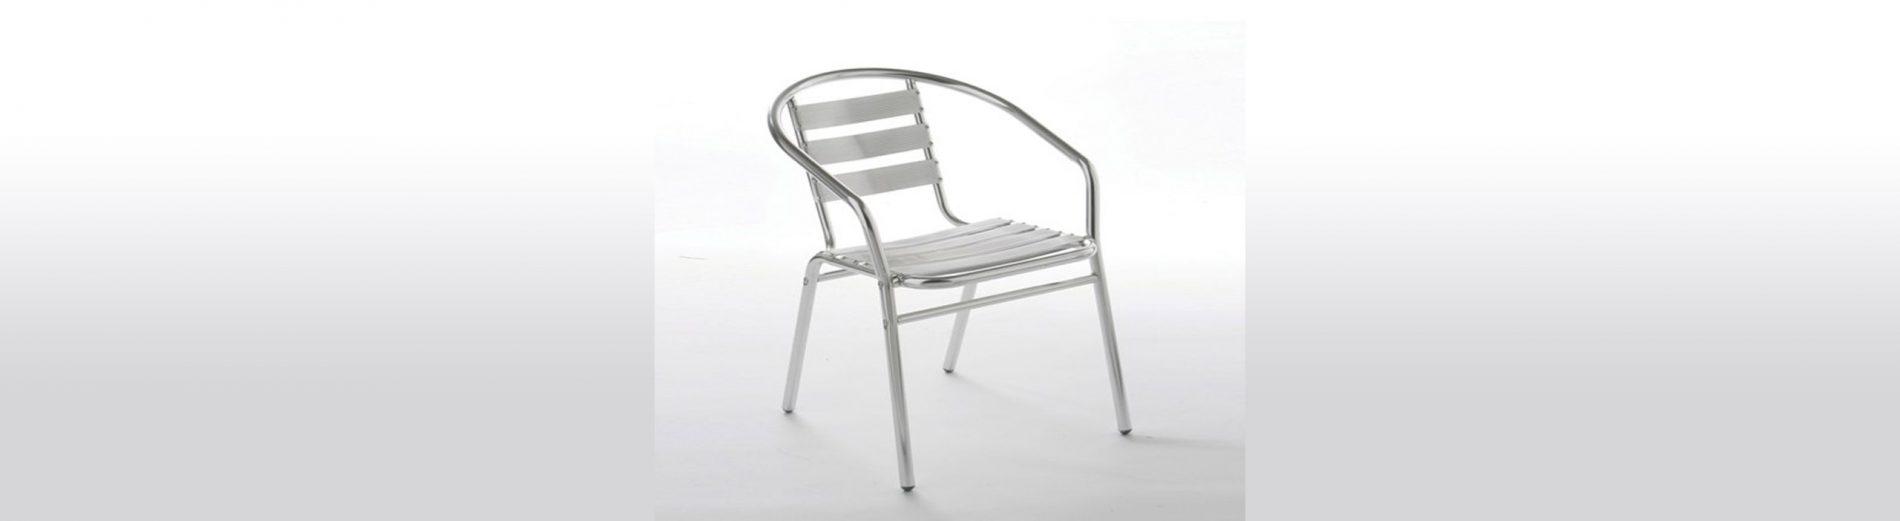 6 Benefits Of Aluminium Bistro Furniture